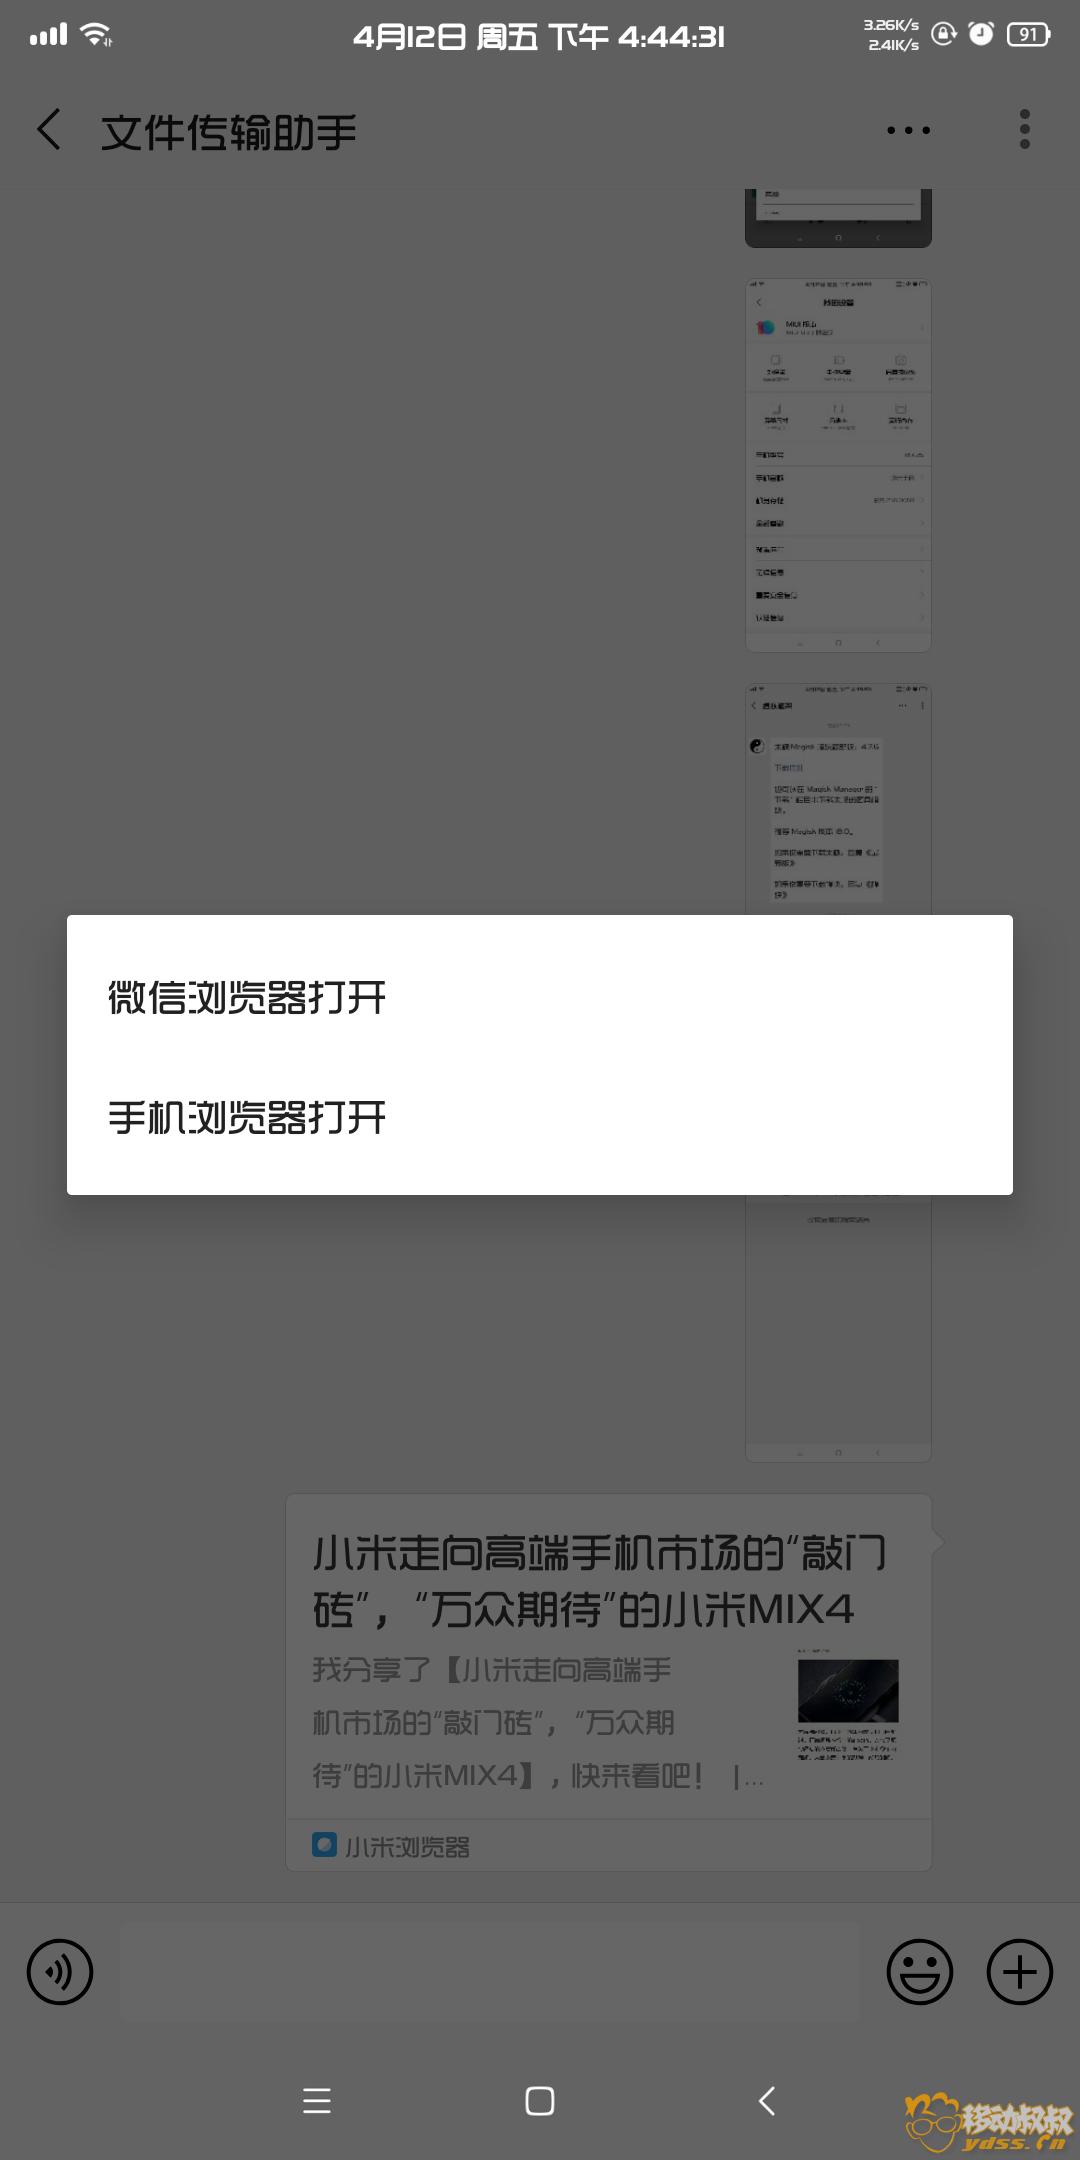 微信图片_20190412172500.png